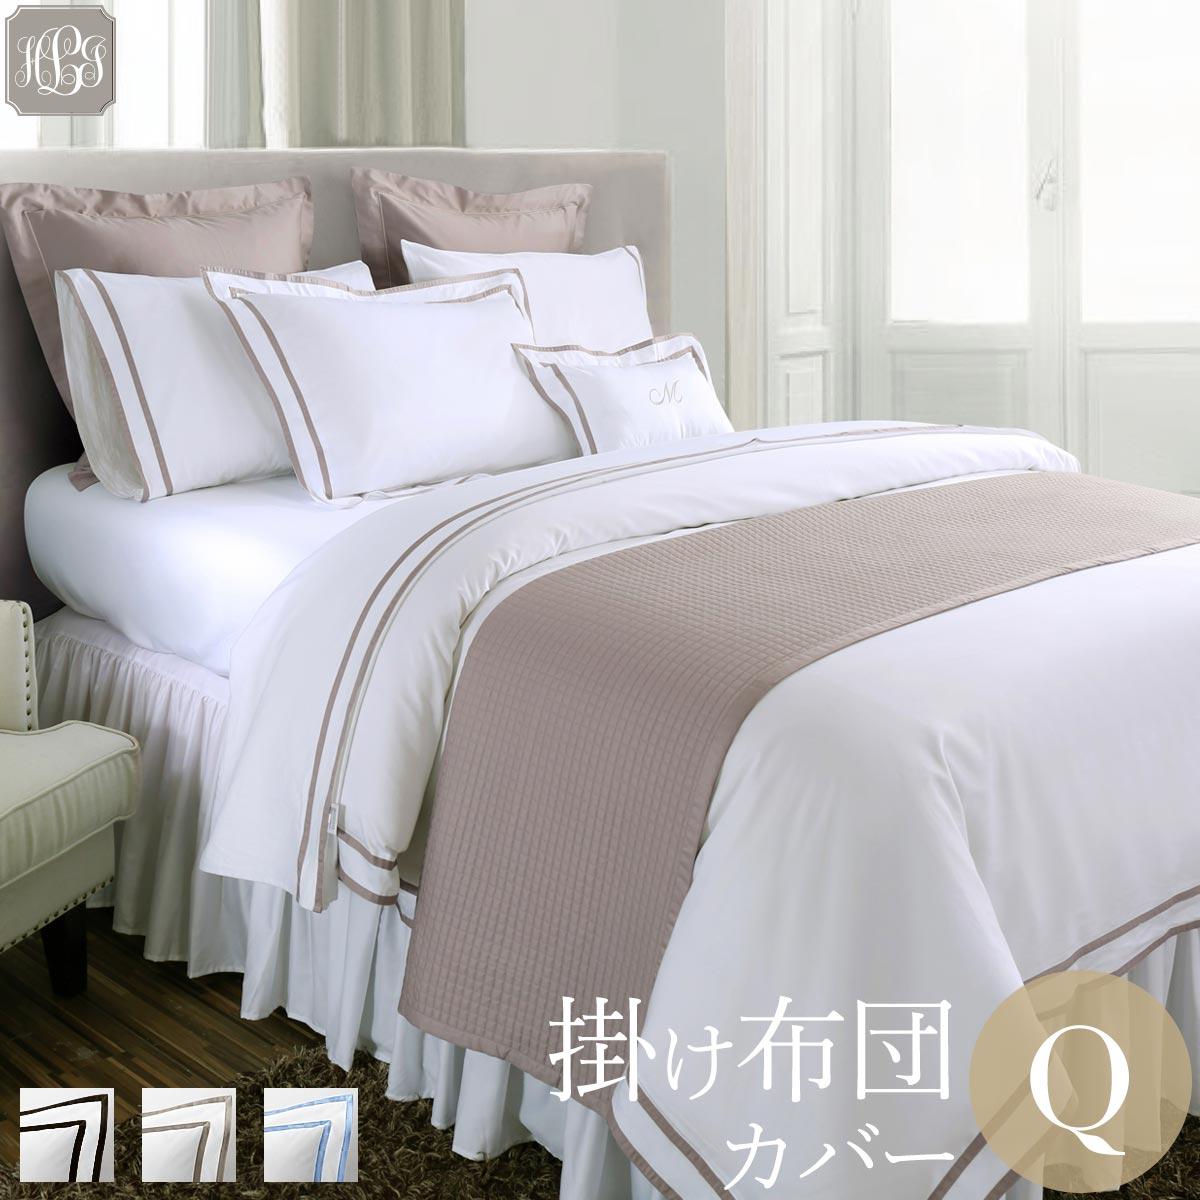 掛け布団カバー クイーン 210×210cm 400TC ホテル 綿100%